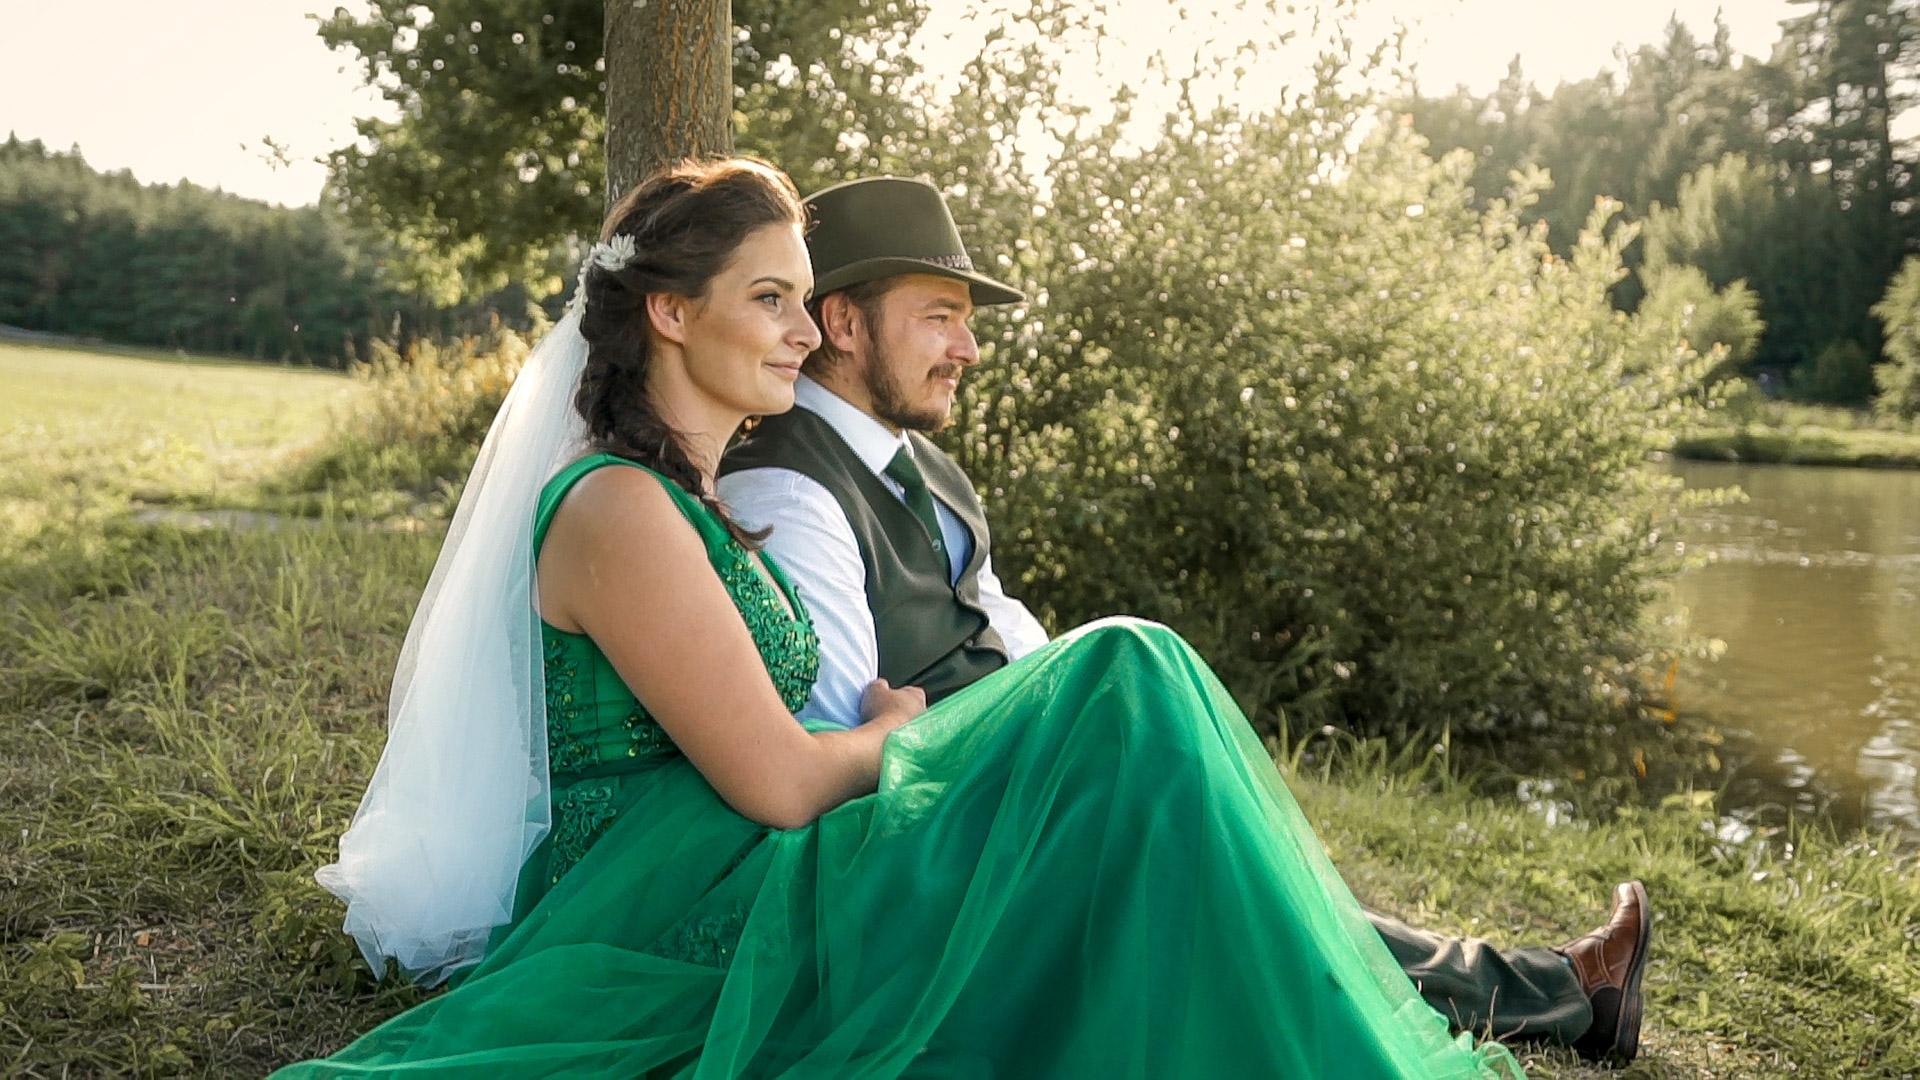 Svatební video ze stylové rybářské svatby u Javořice. Krásná chata v přírodě u lesa